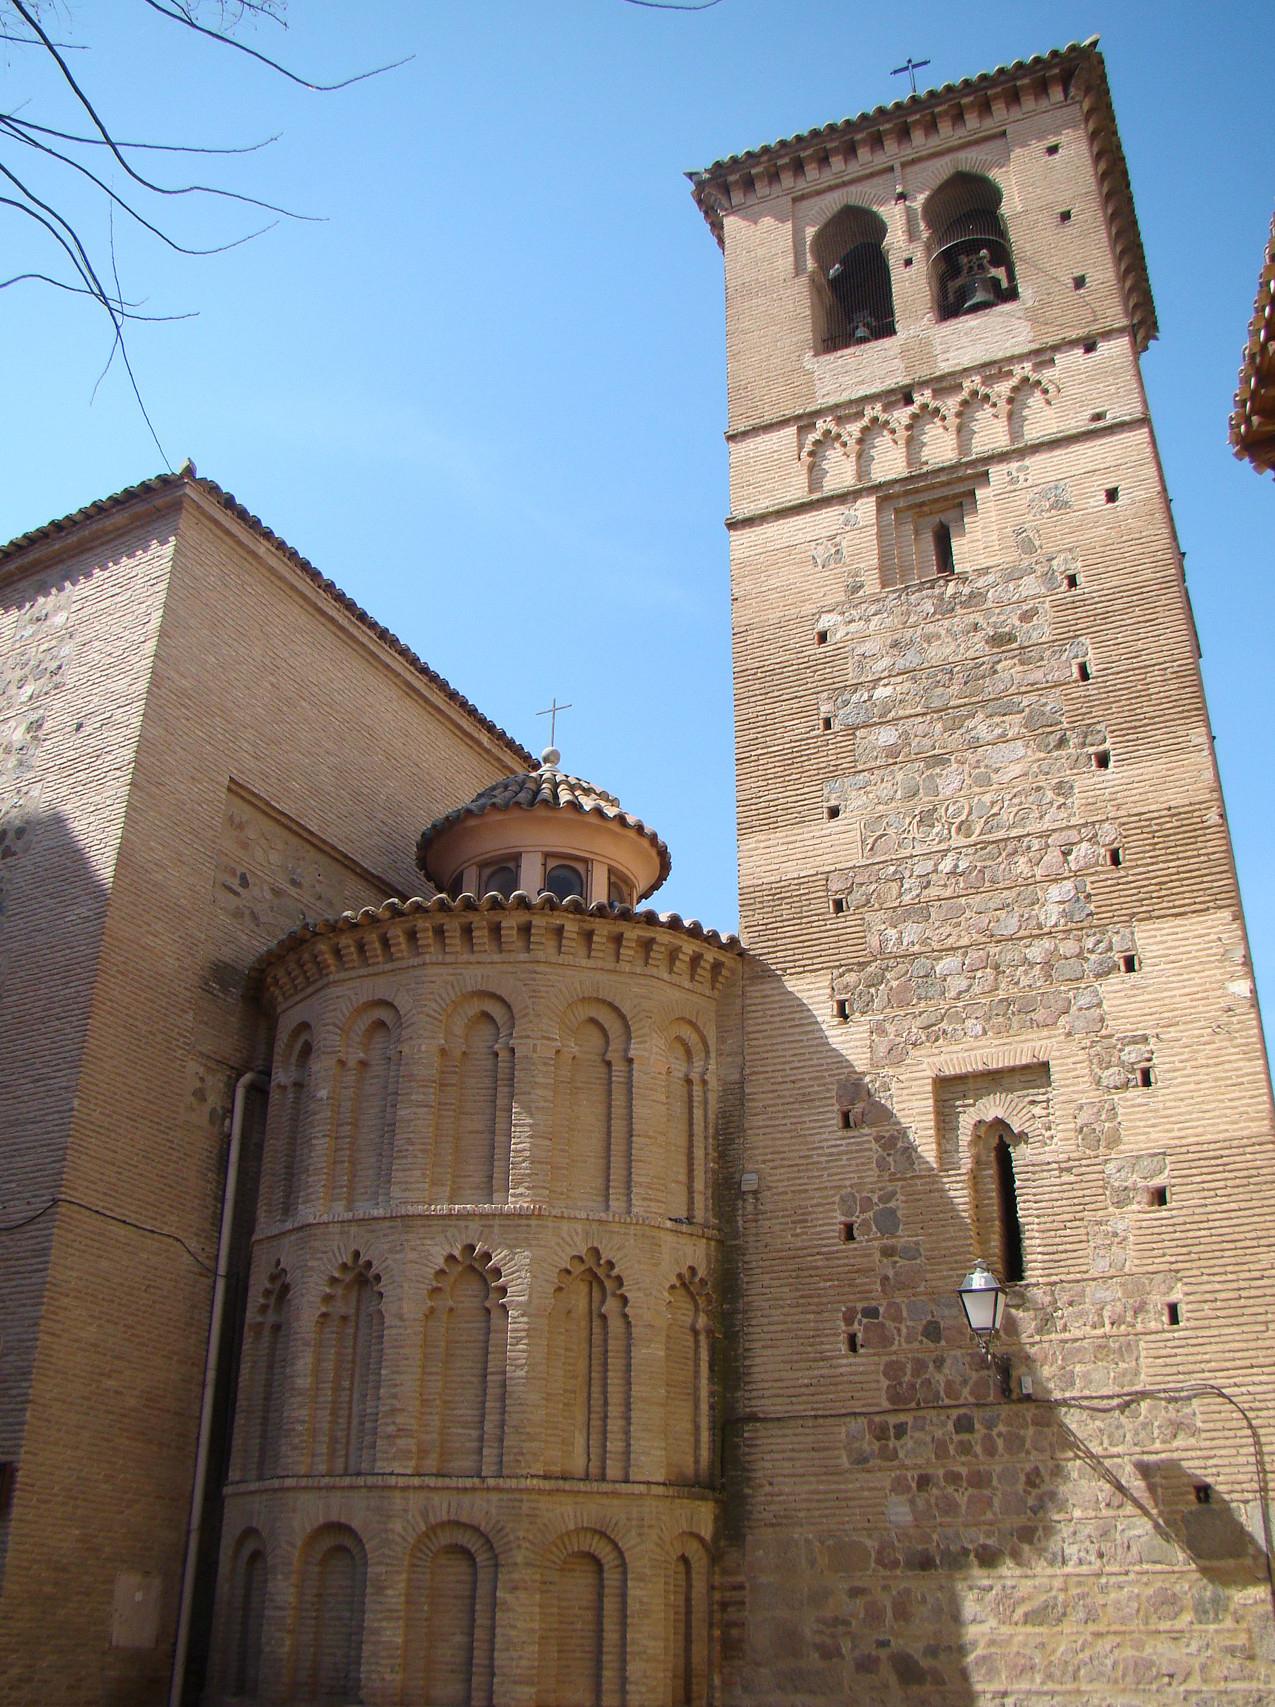 TOLEDO (Domingo 7 abril): Visita guiada al Convento de Santo Domingo el Antiguo + degustación de mazapán (GRATIS) Plazas limitadas